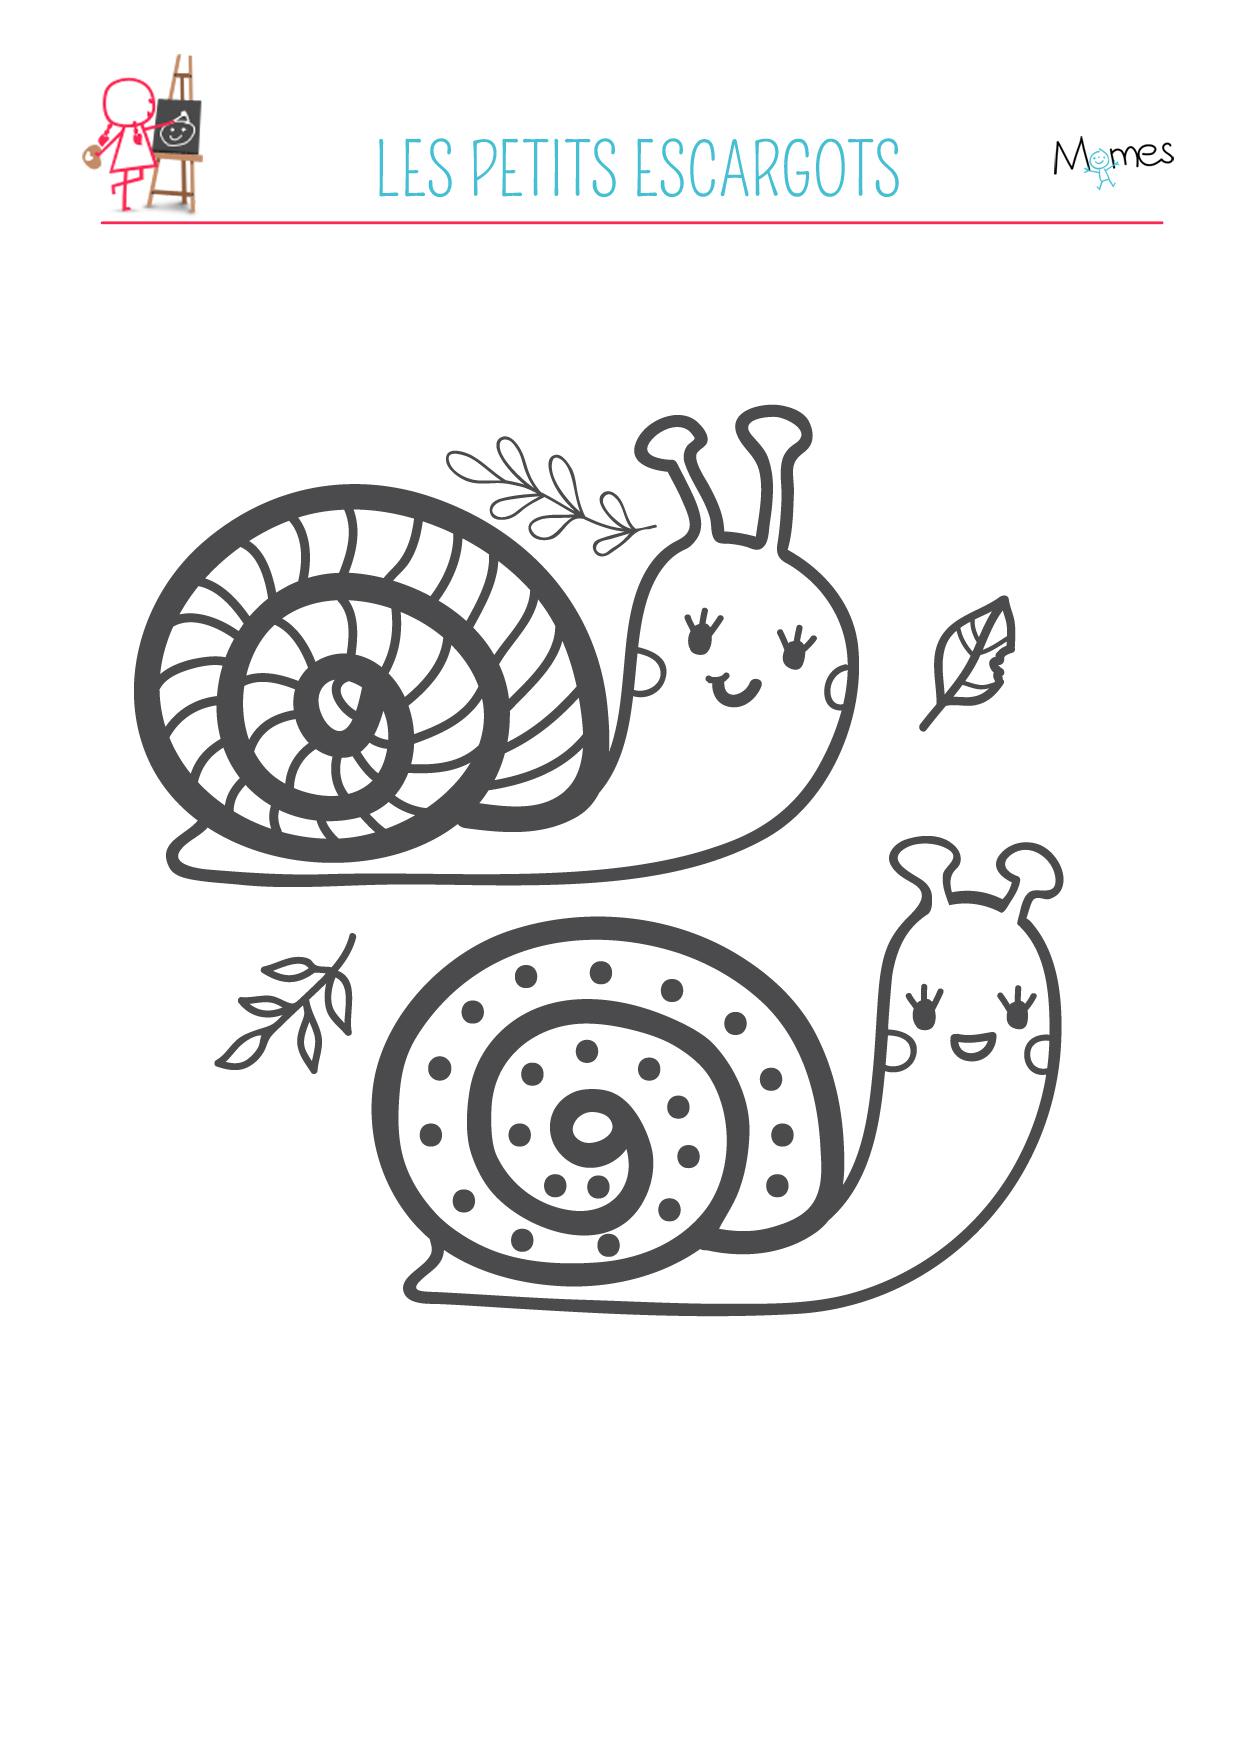 Coloriage automne mr et mme escargot - Coloriage escargot a imprimer ...